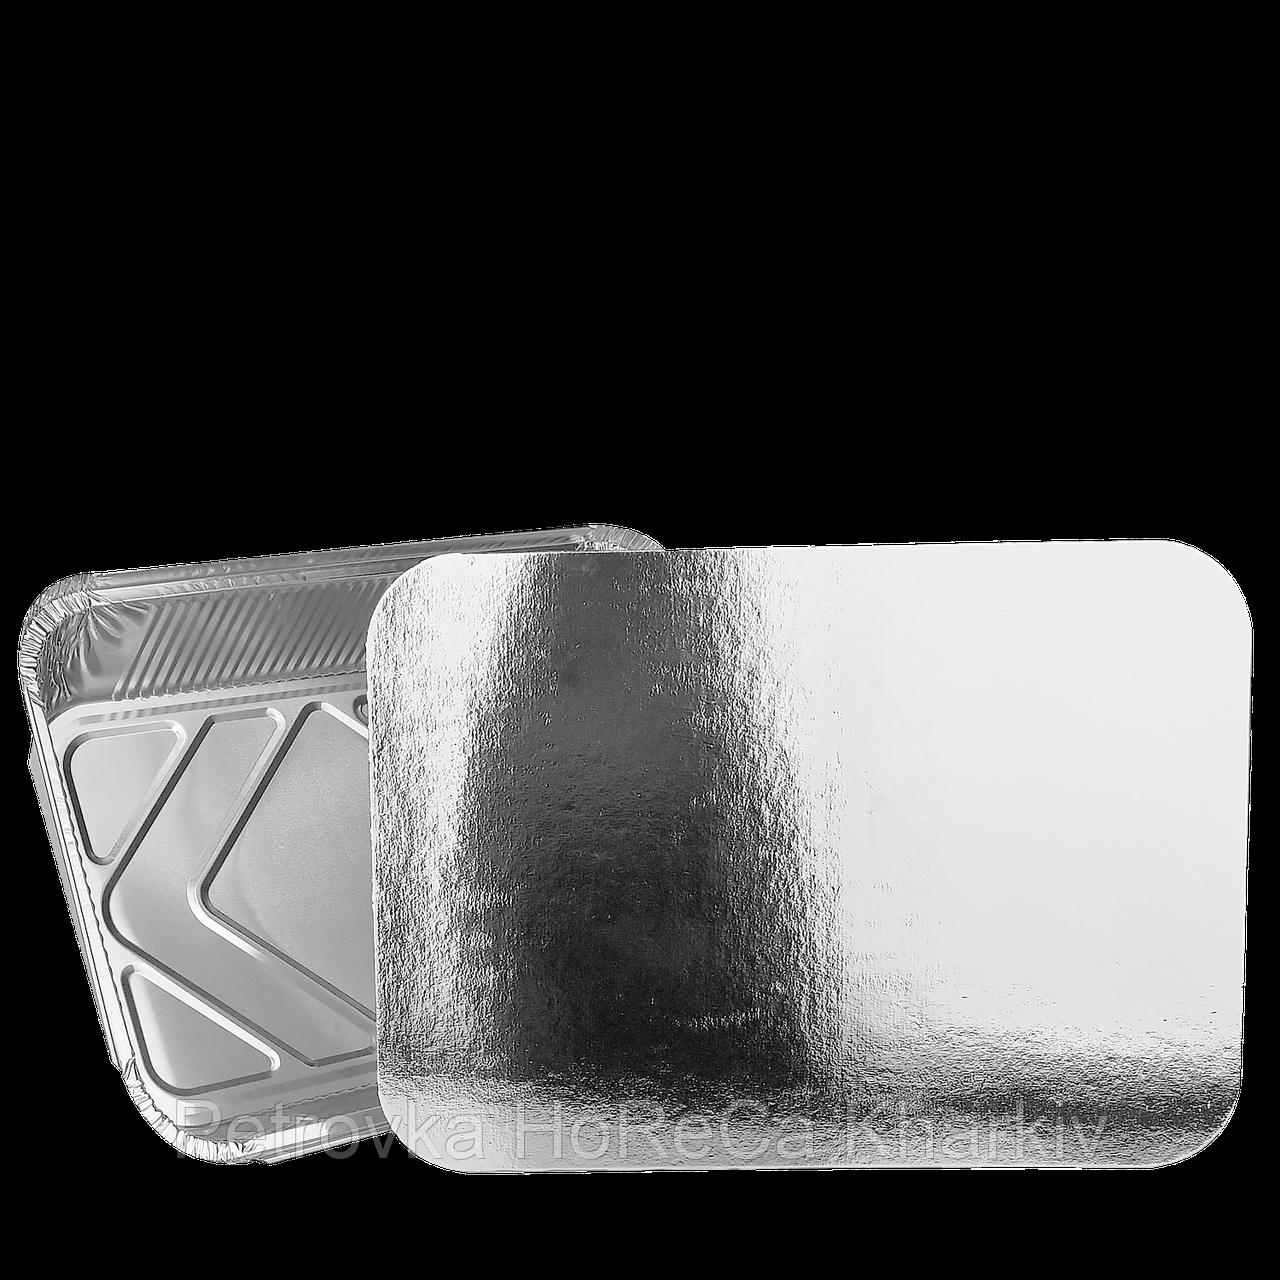 Крышка из Алюминиевой фольги и Картона (SP15L) к прямоугольному алюм. контейнеру 255мл. Упаковка 100 шт